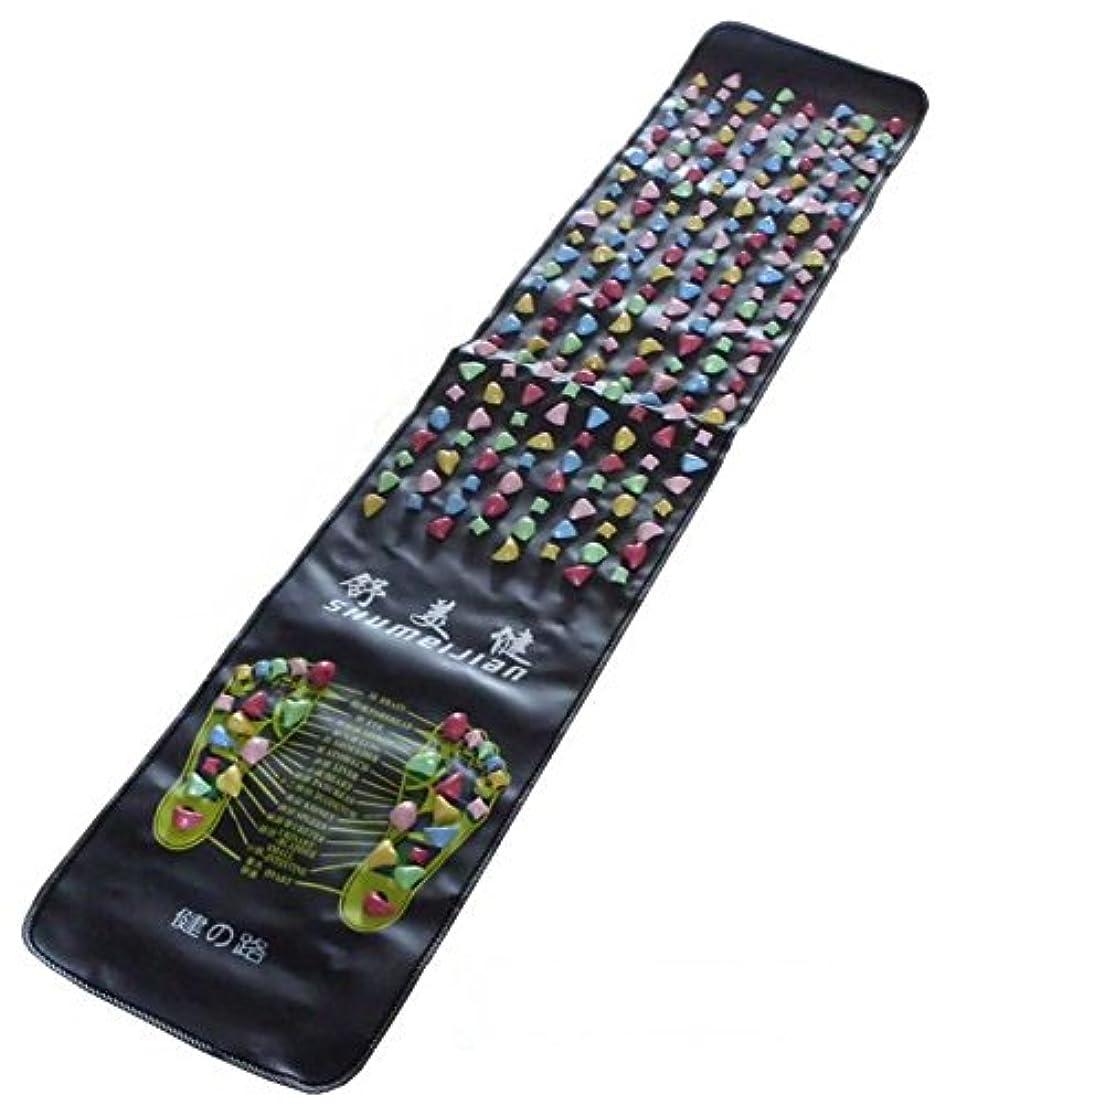 シーフード見習い最大本物の健康 フットマッサージ 足のマッサージパッド 模造石畳の歩道